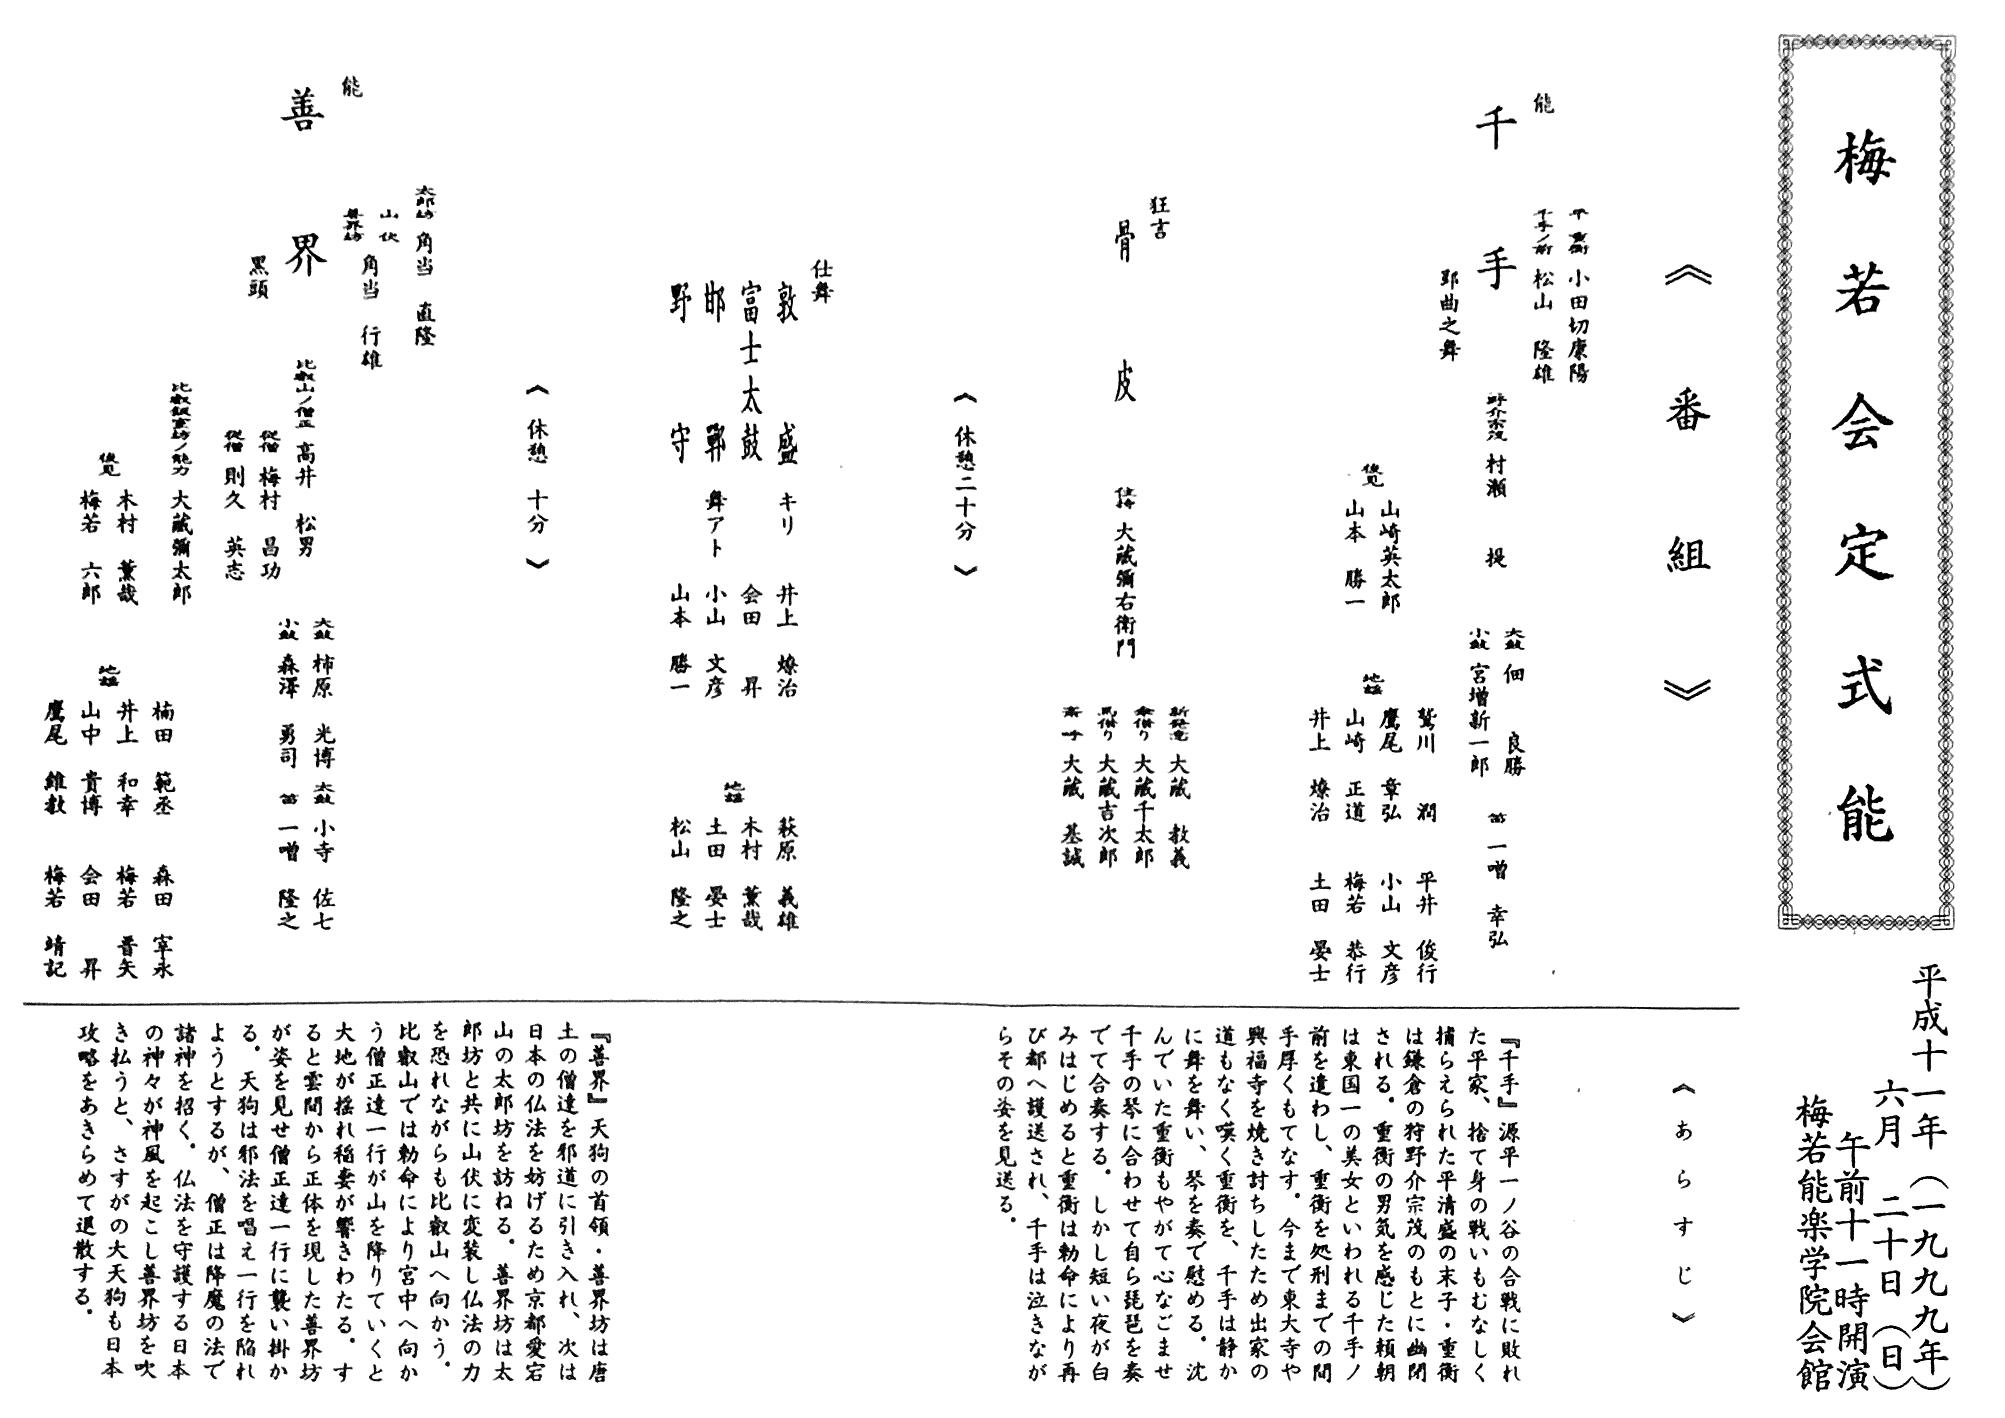 1999年6月20日 梅若会定式能「善界」